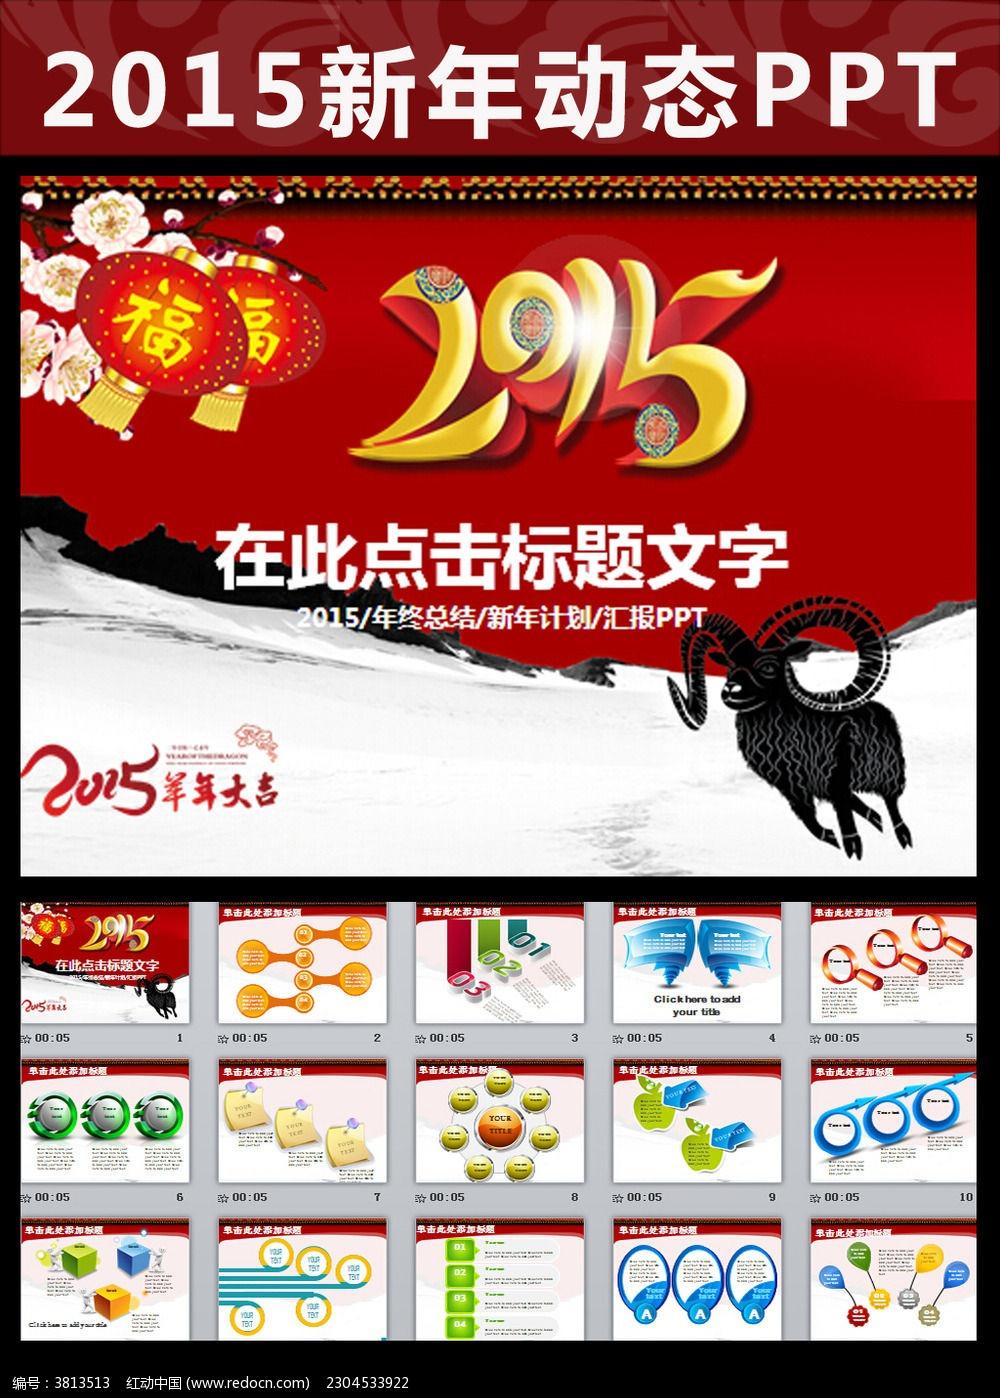 水墨中国风2015年终总结工作计划PPT图片下载 开门红 文艺 晚会